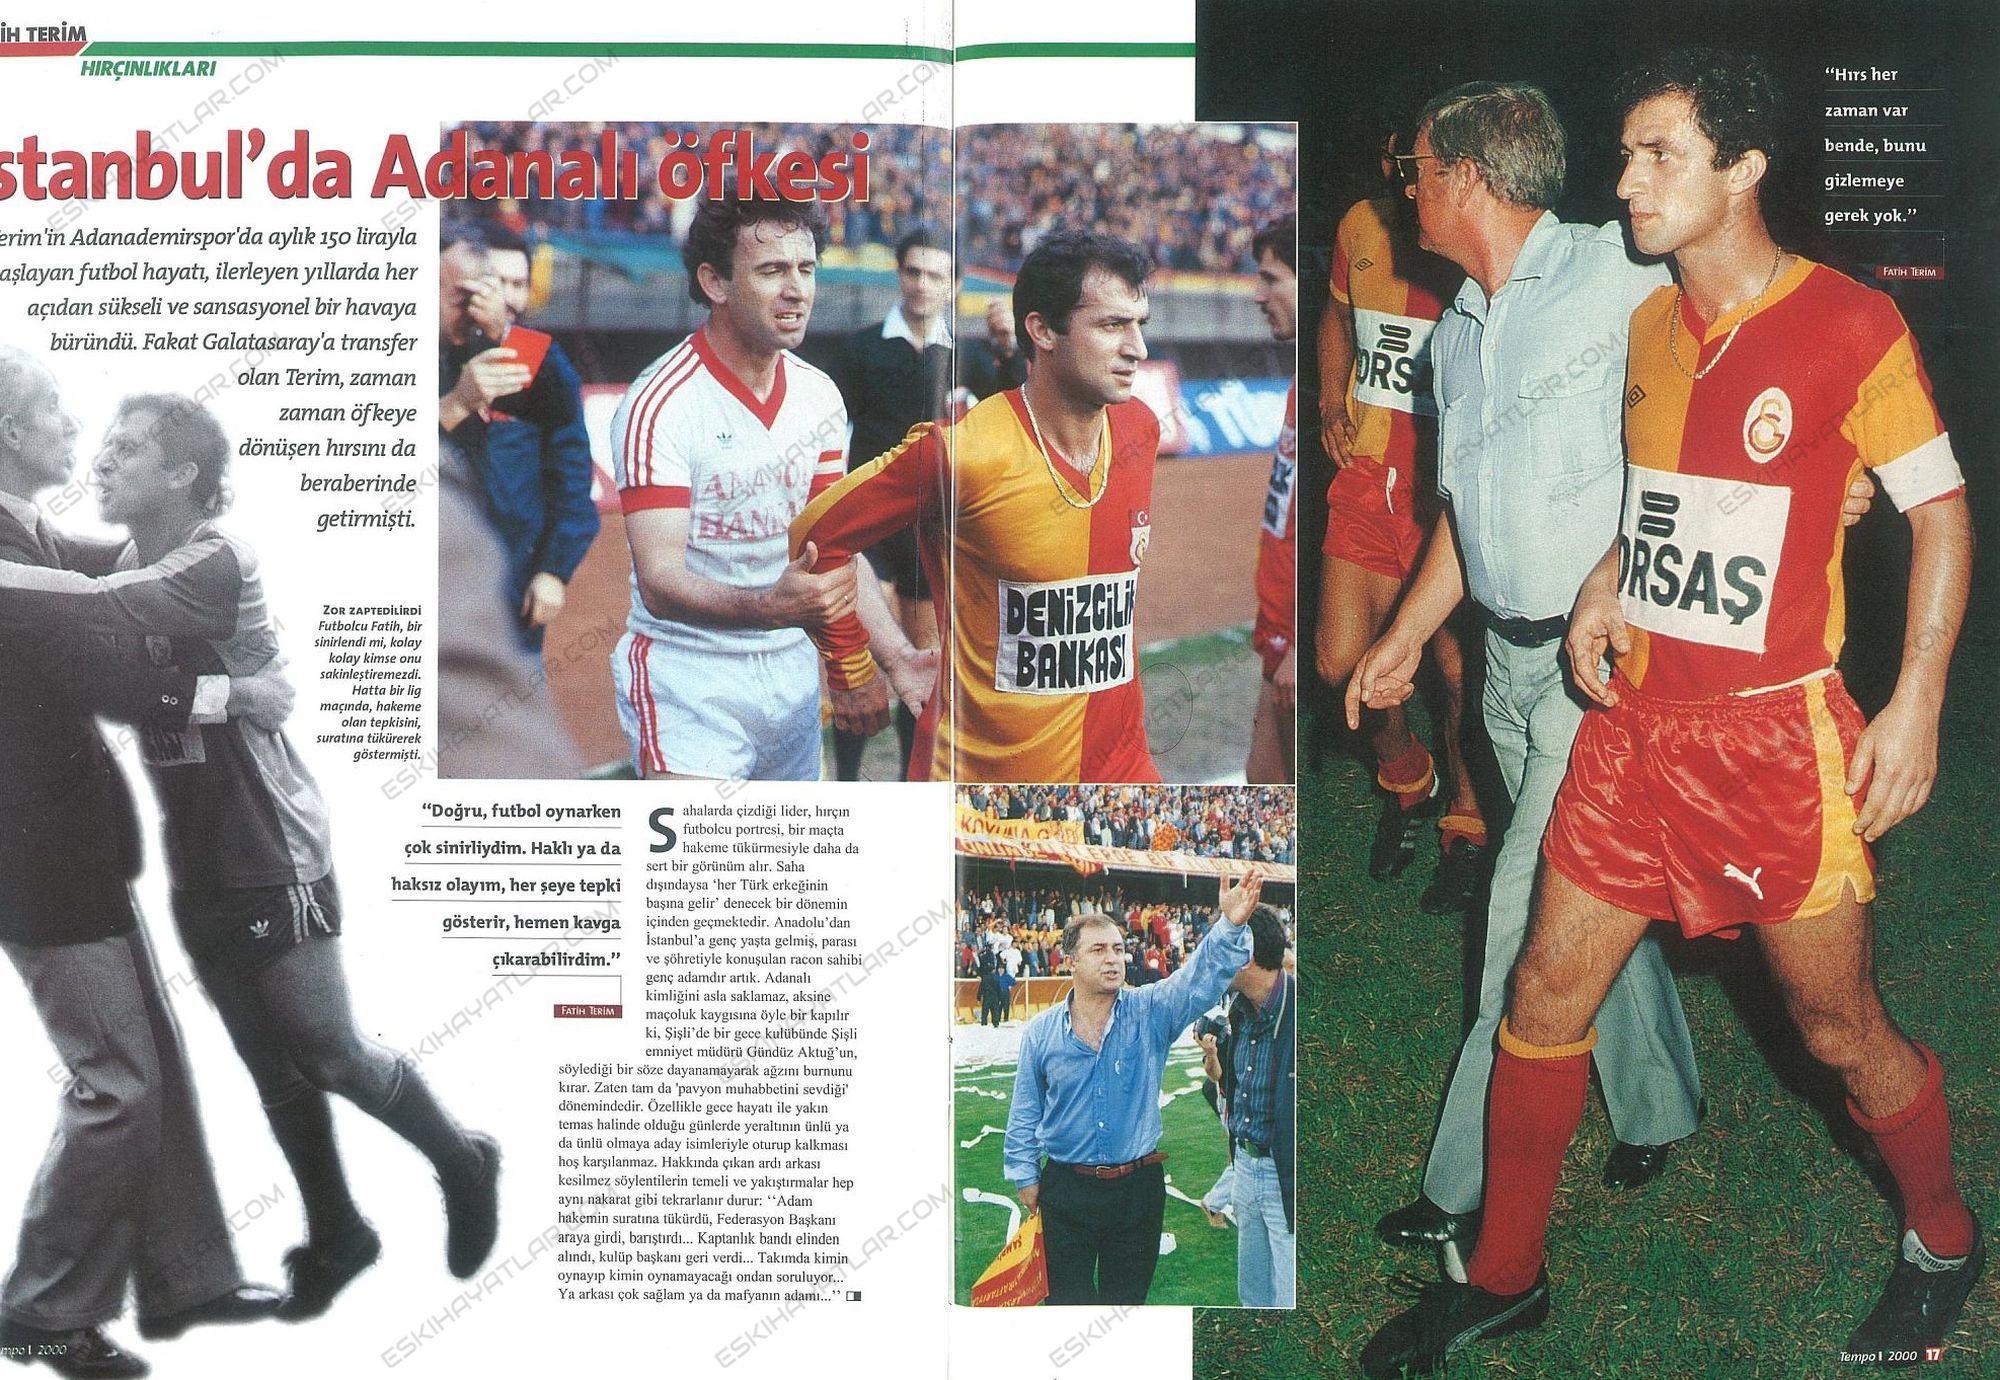 fatih-terim-fotograflari-fatih-terim-futbol-kariyeri-2000-yili-tempo-dergisi-arsivleri (10)